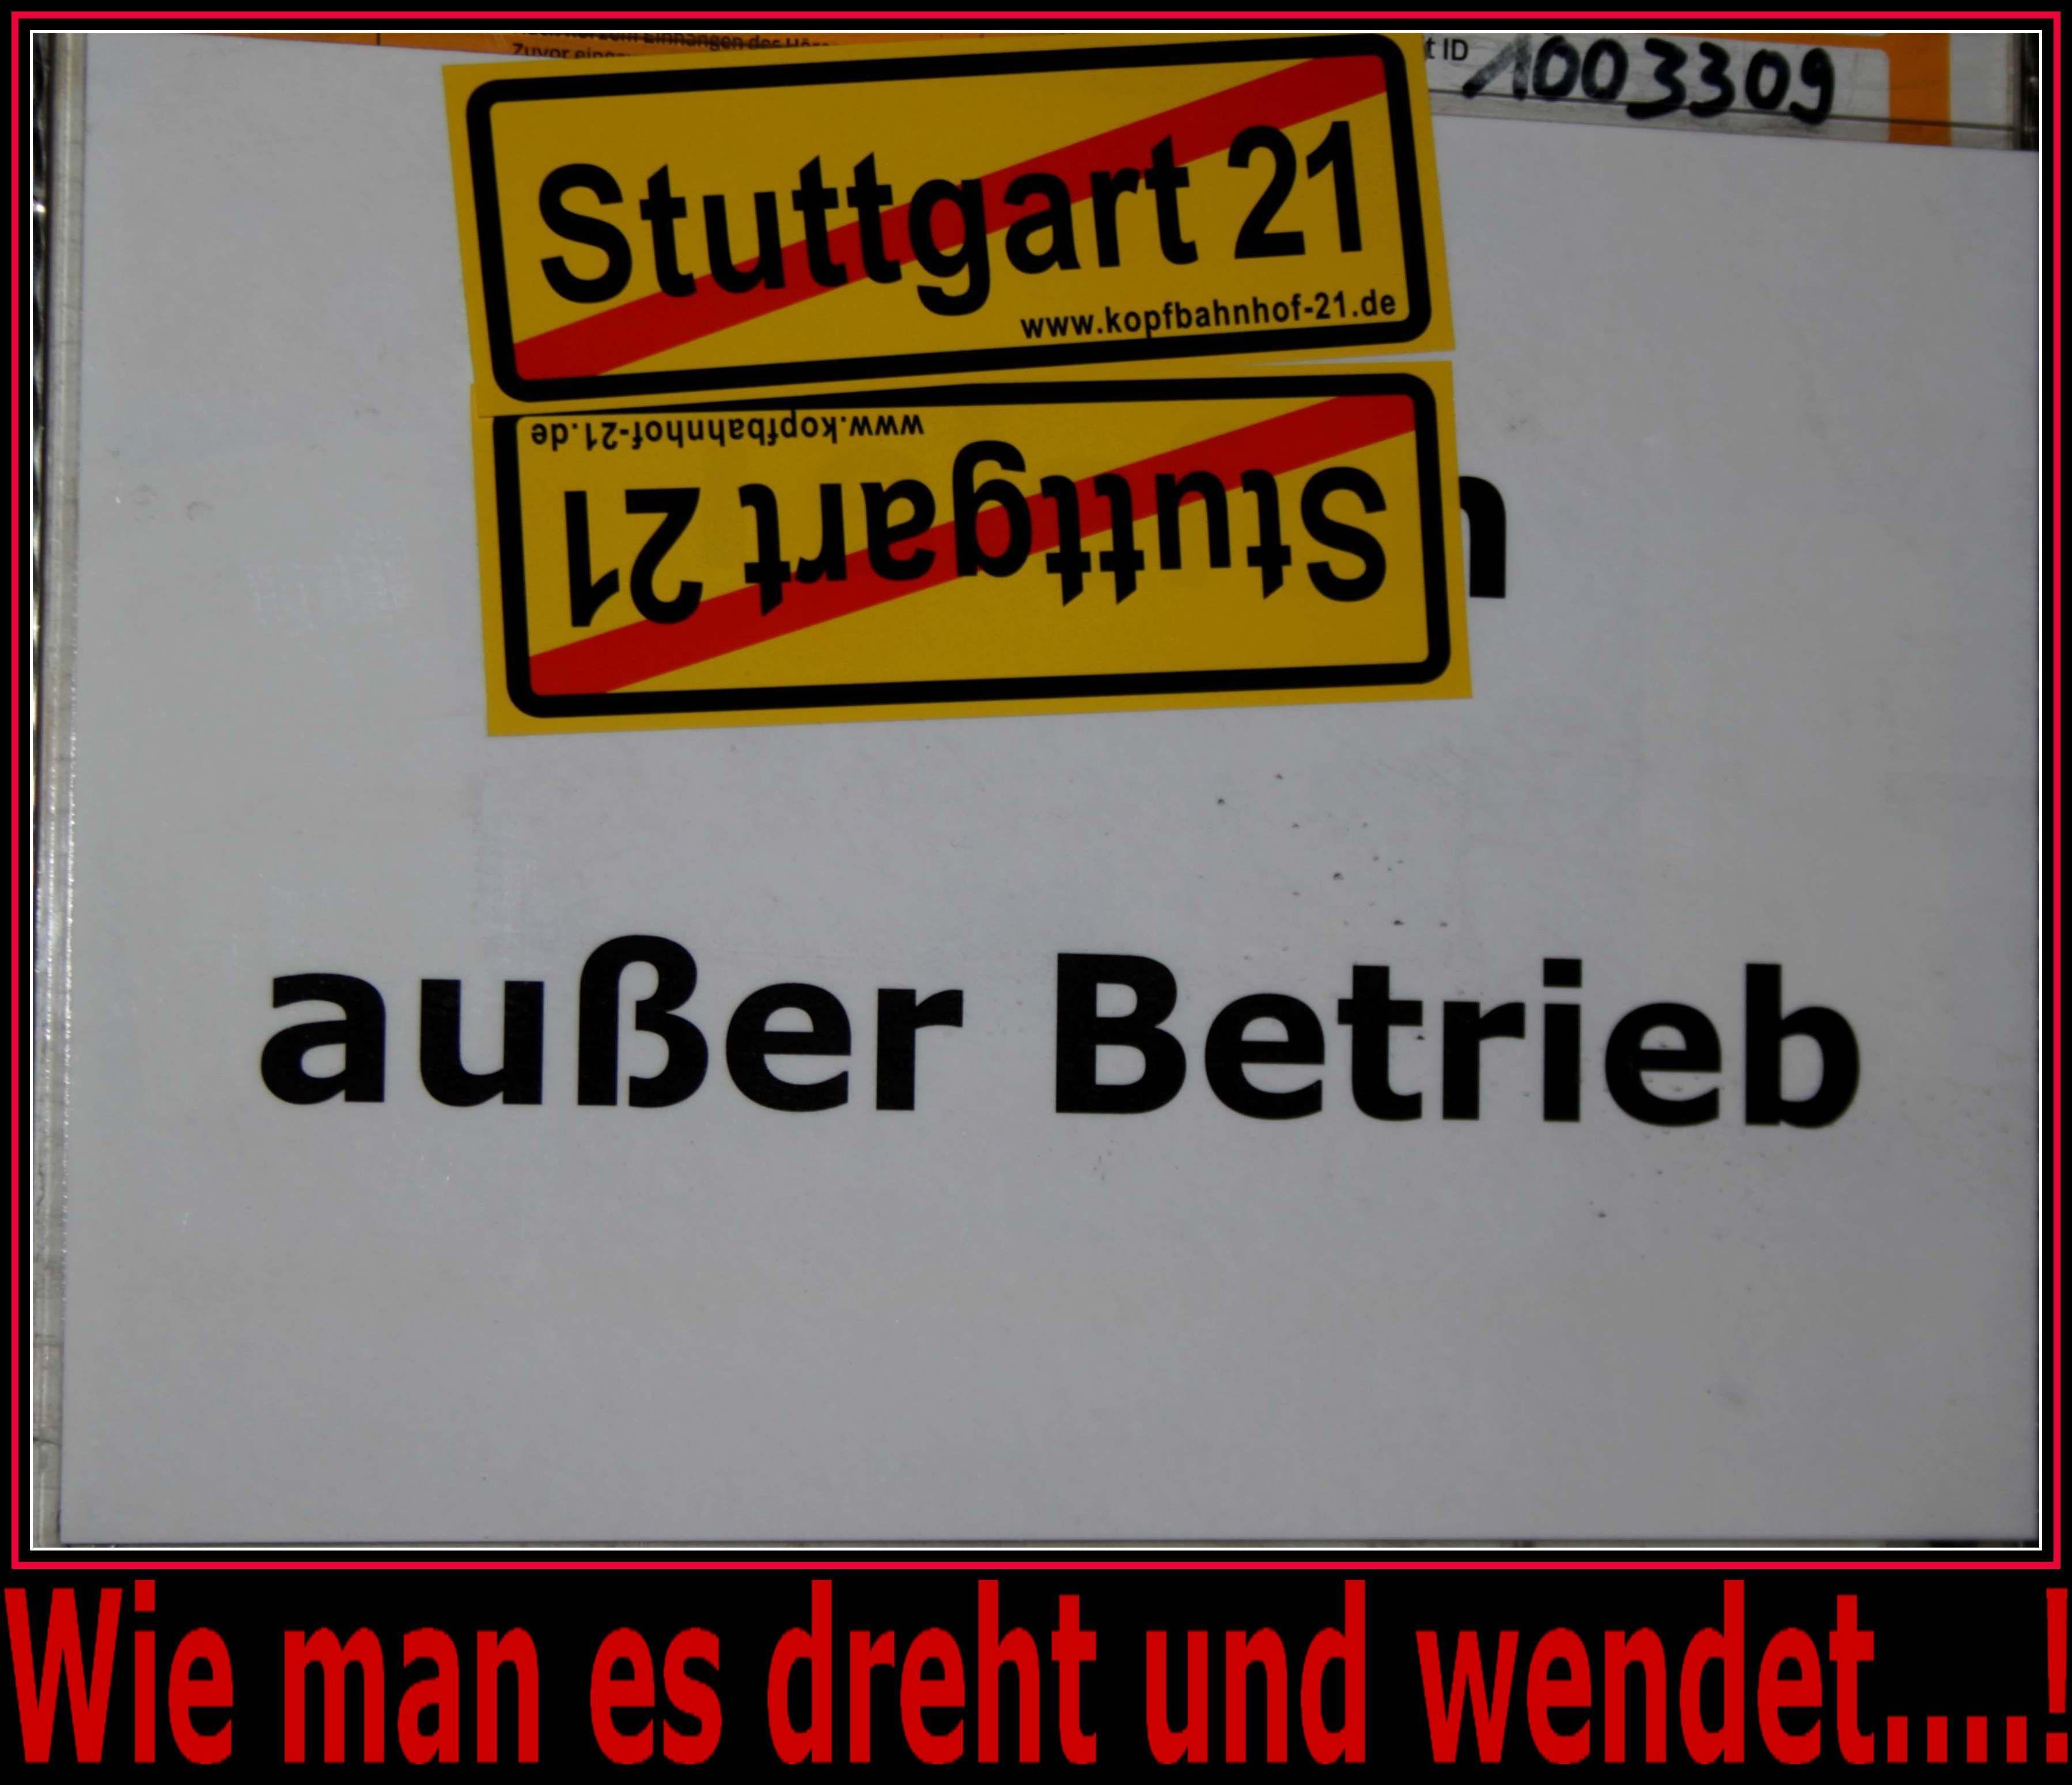 http://www.parkschuetzer.de/assets/statements/150480/original/IMG_7141-001.JPG?1361315403